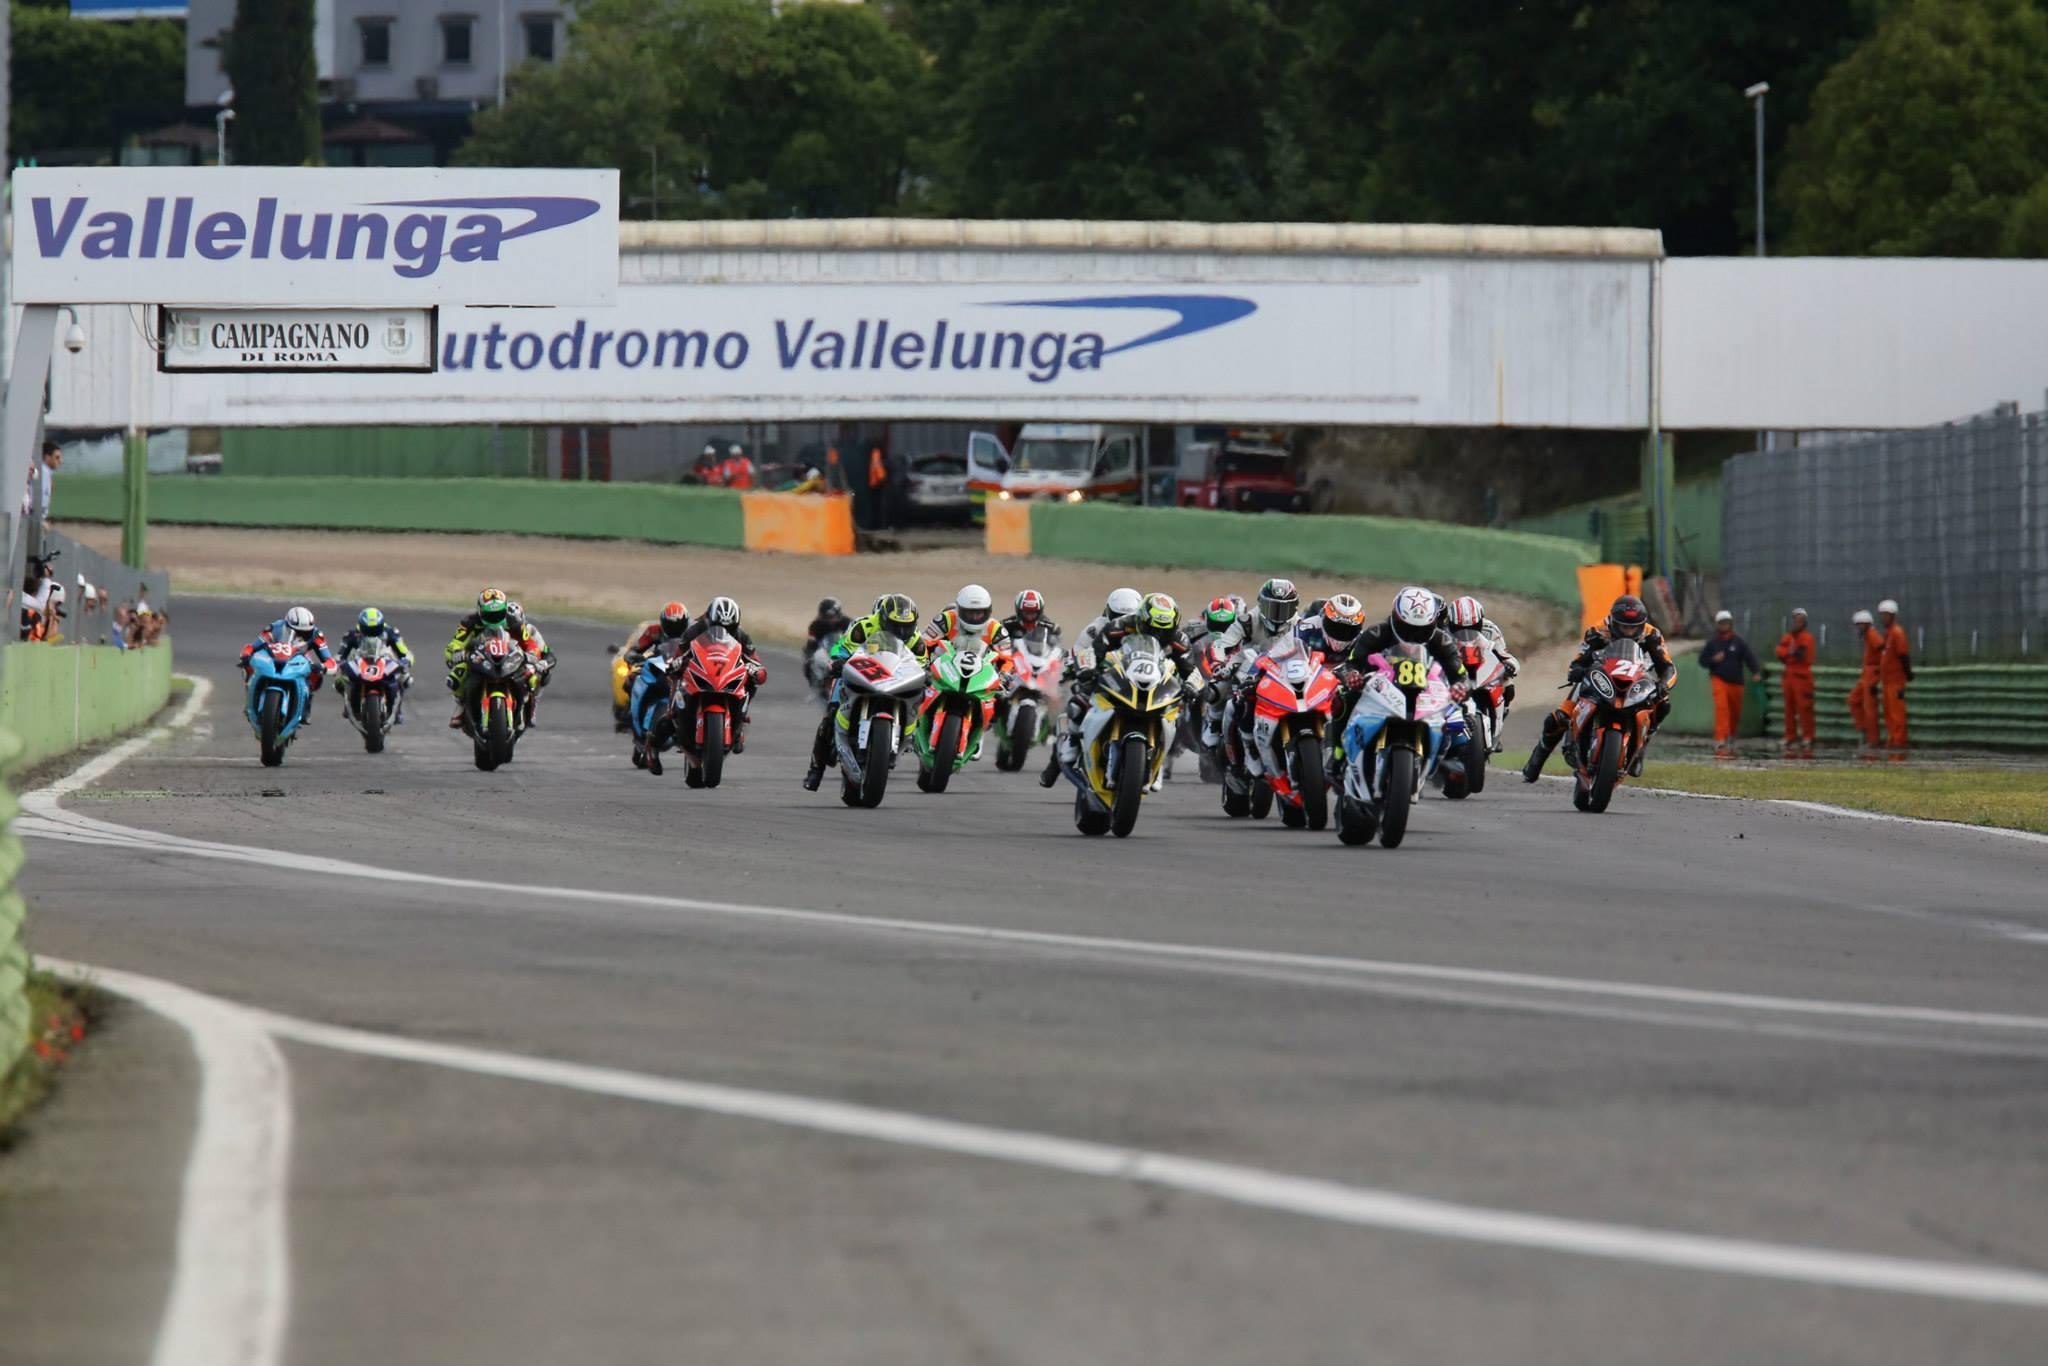 Circuito Vallelunga : Coppa italia tutti i vincitori del secondo round a